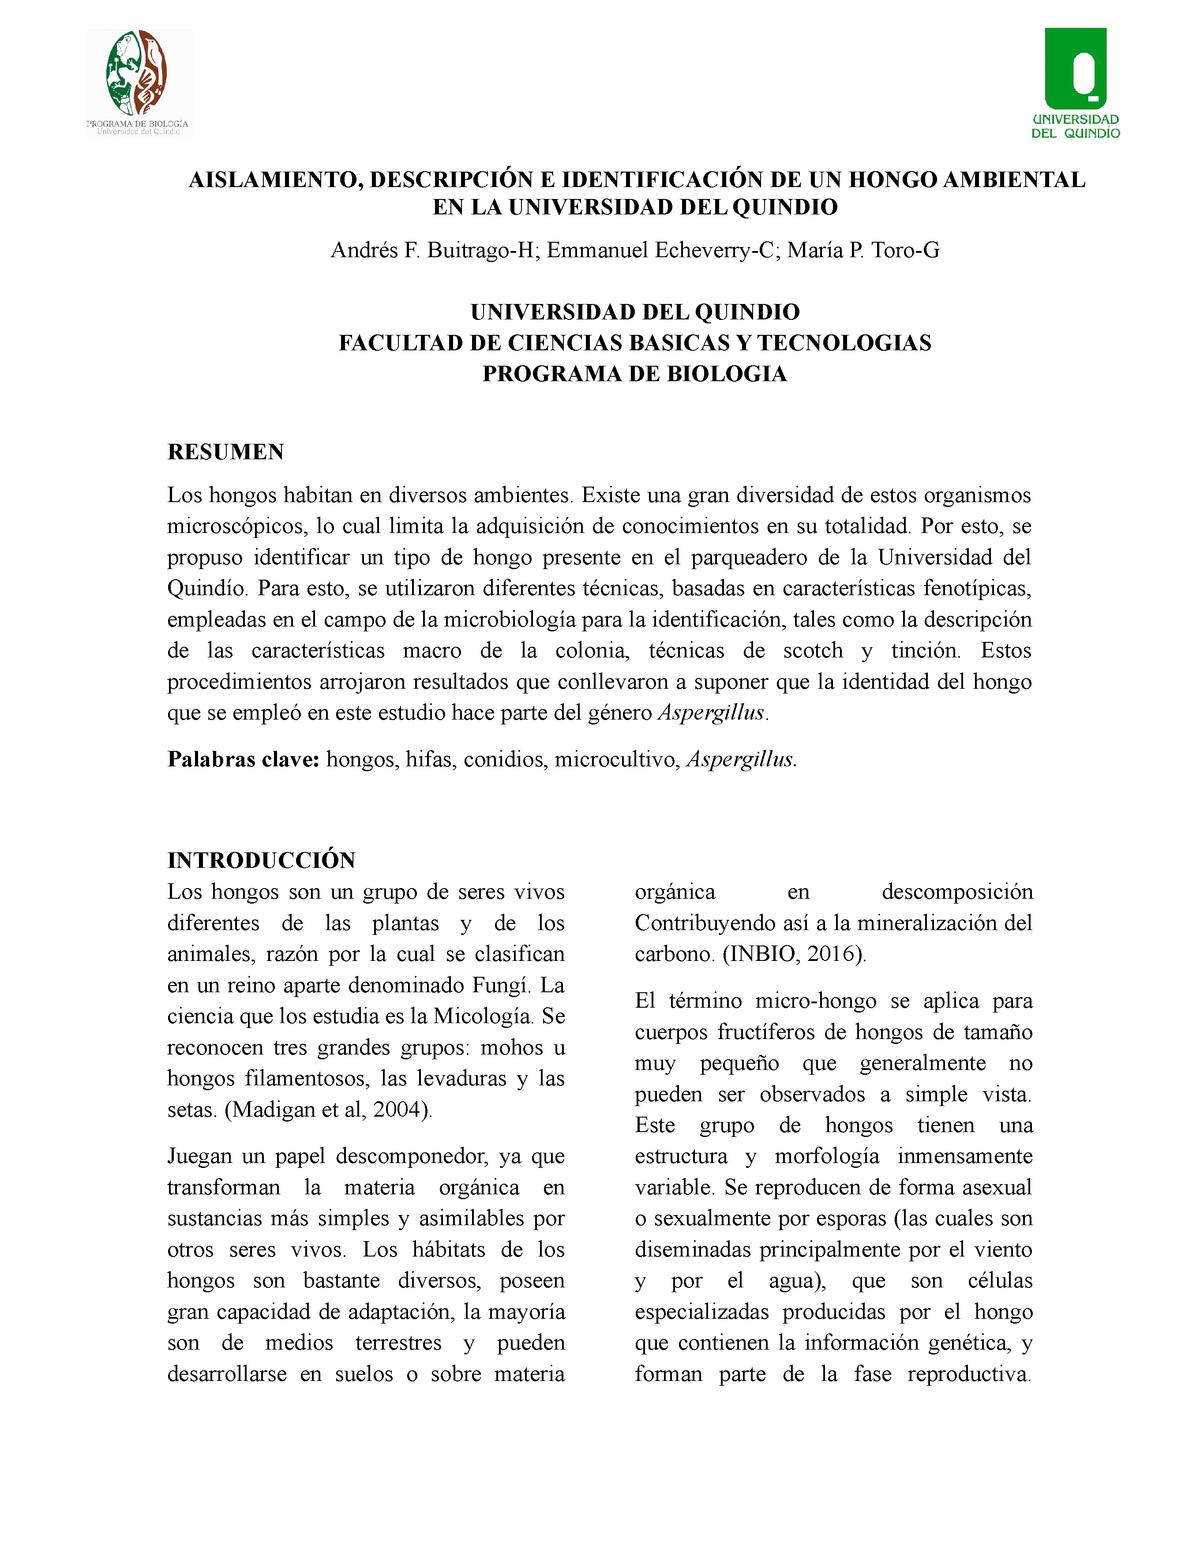 Informe Final De Hongos Microbiología Uniquindio Studocu